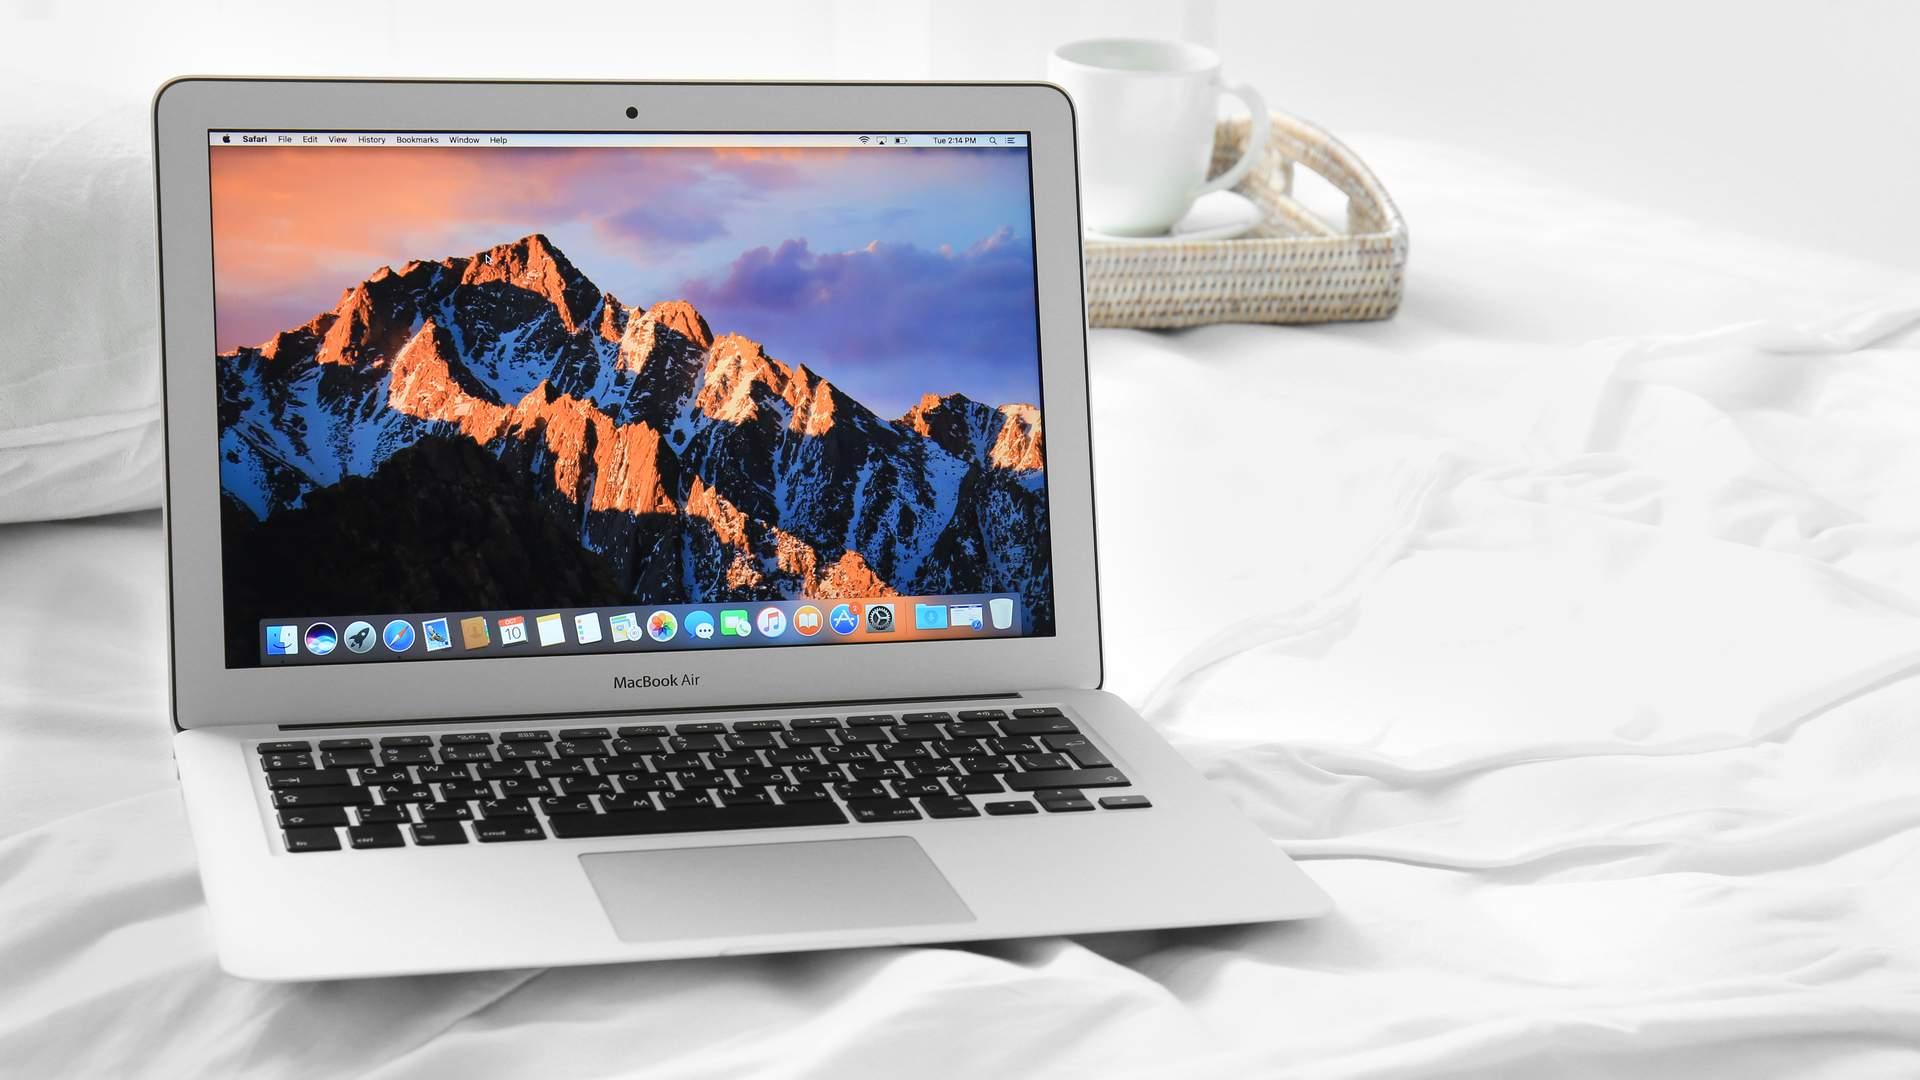 O Macbook Air 2017 é boa opção para quem deseja um notebook da Apple (Shutterstock)